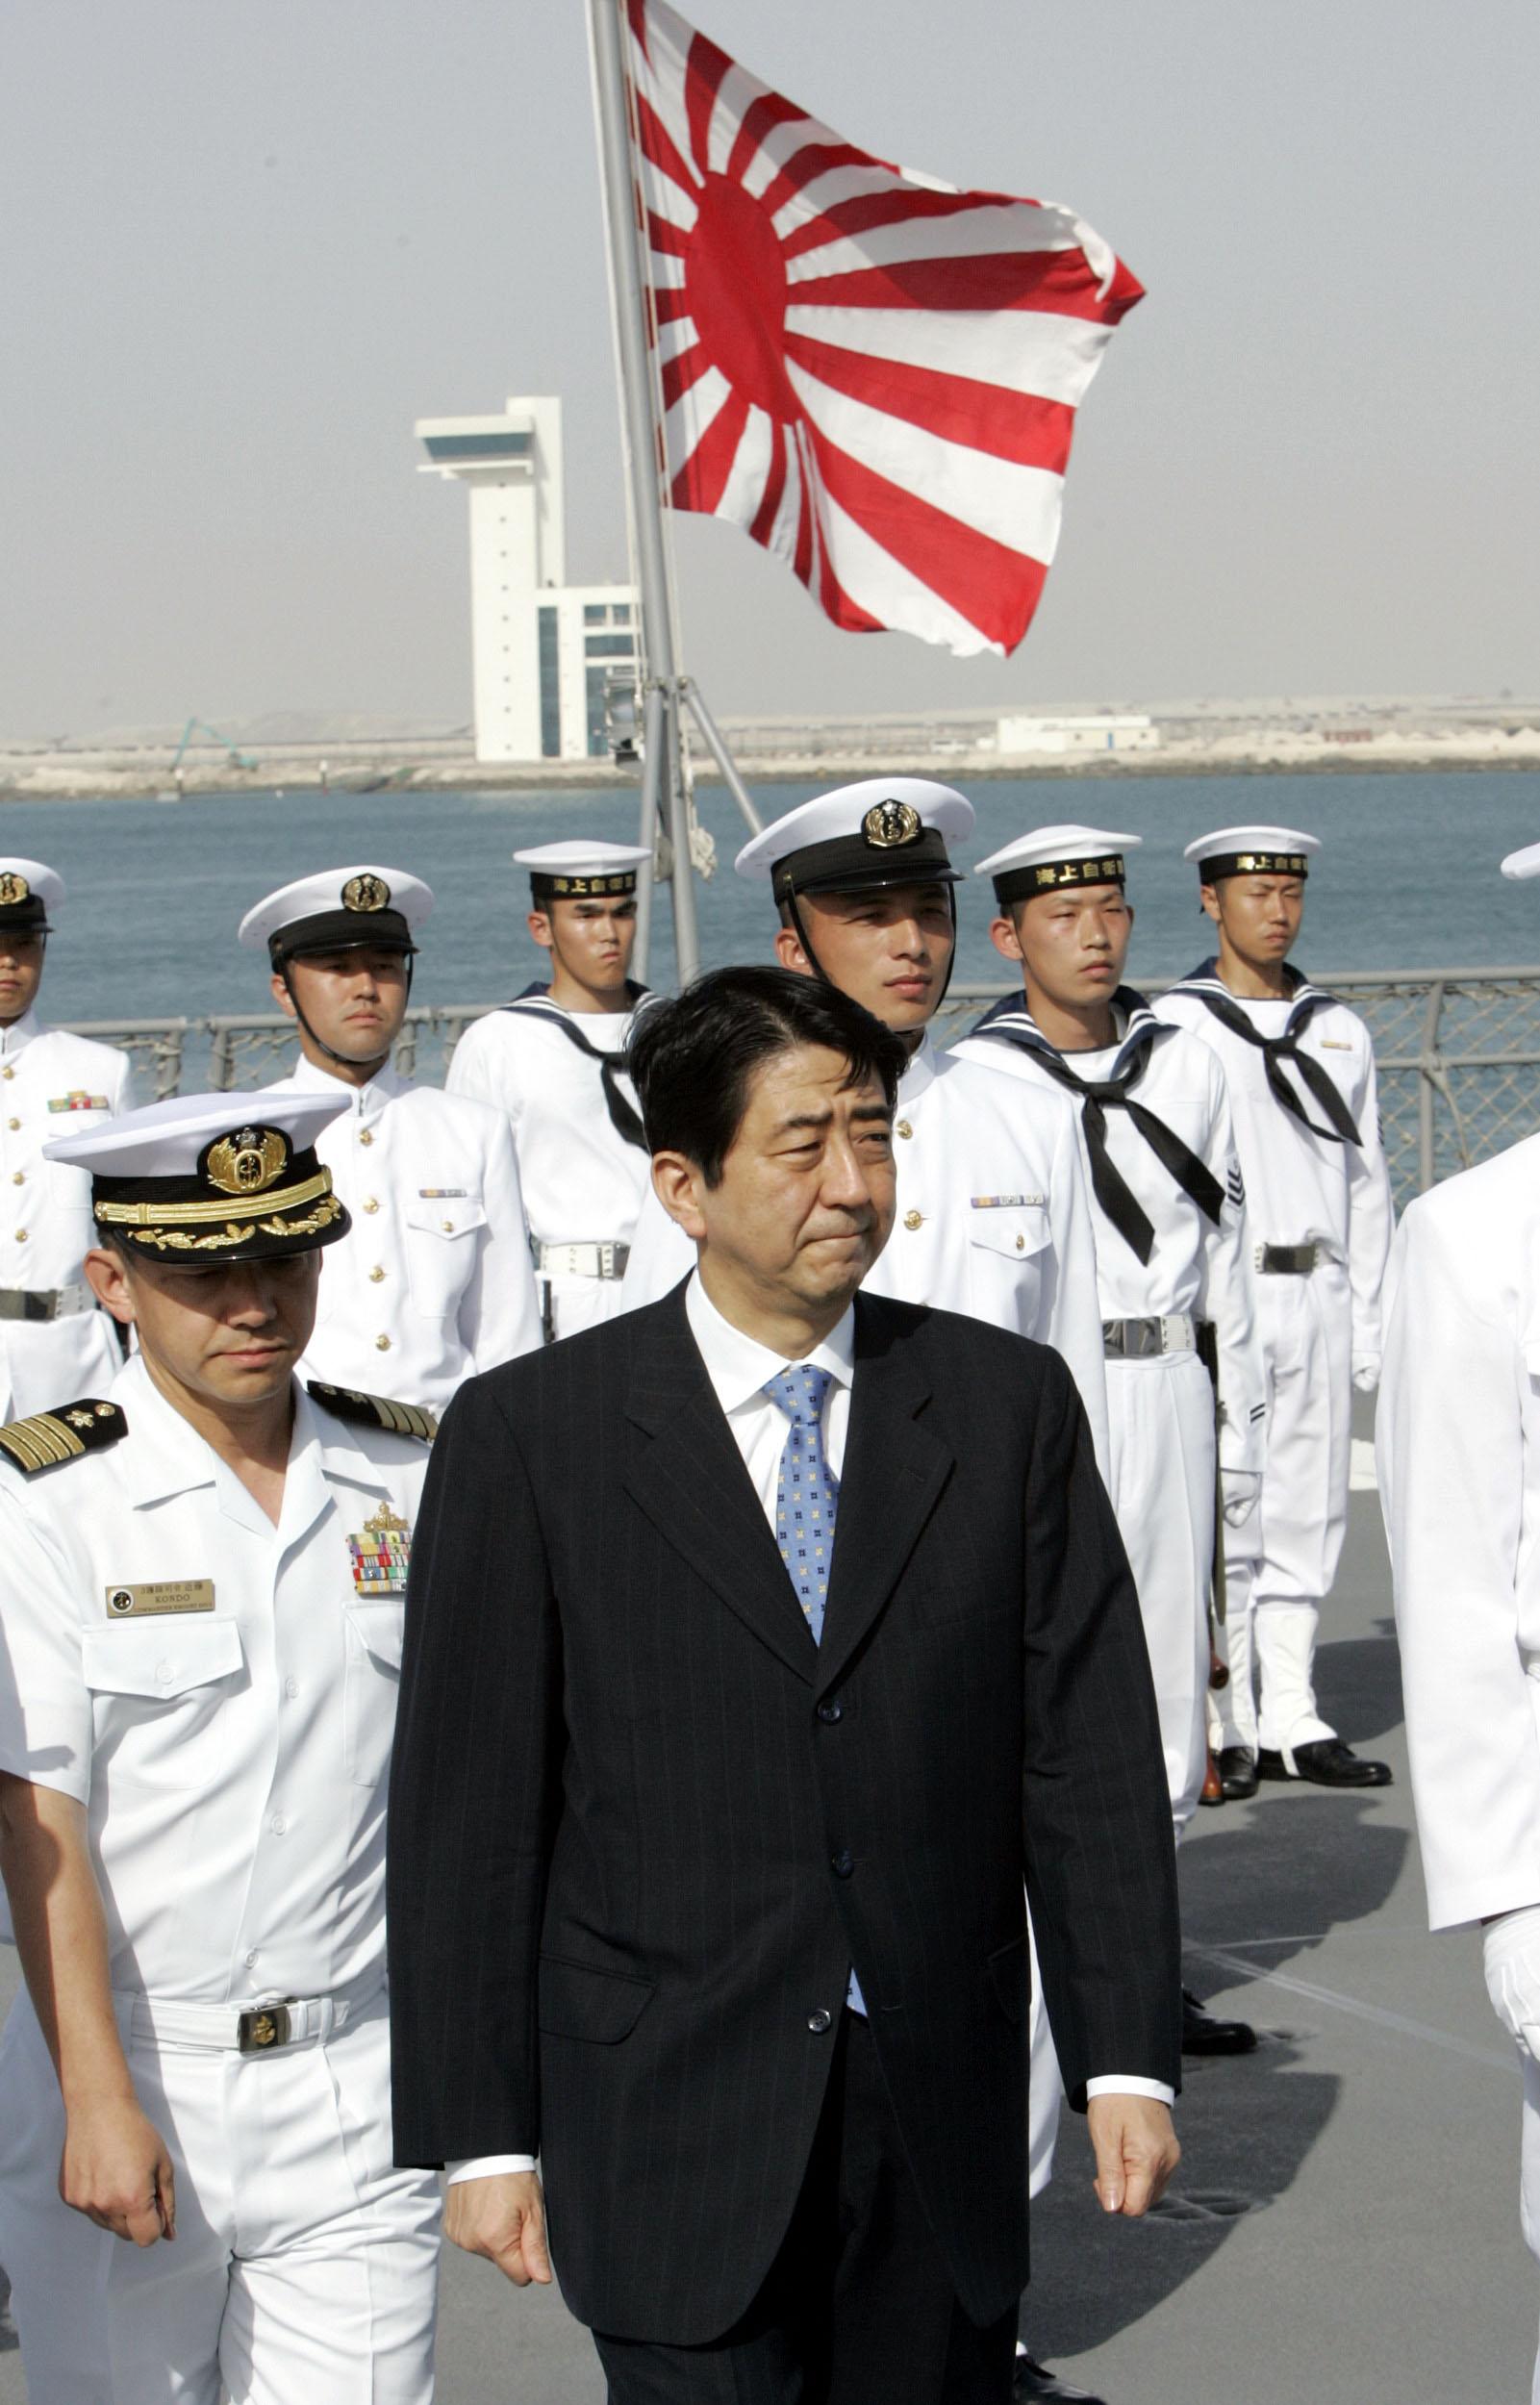 日本海上自卫队被派遣到中东执行任务,图为日本首相安倍晋三与士兵合影。(美联社)